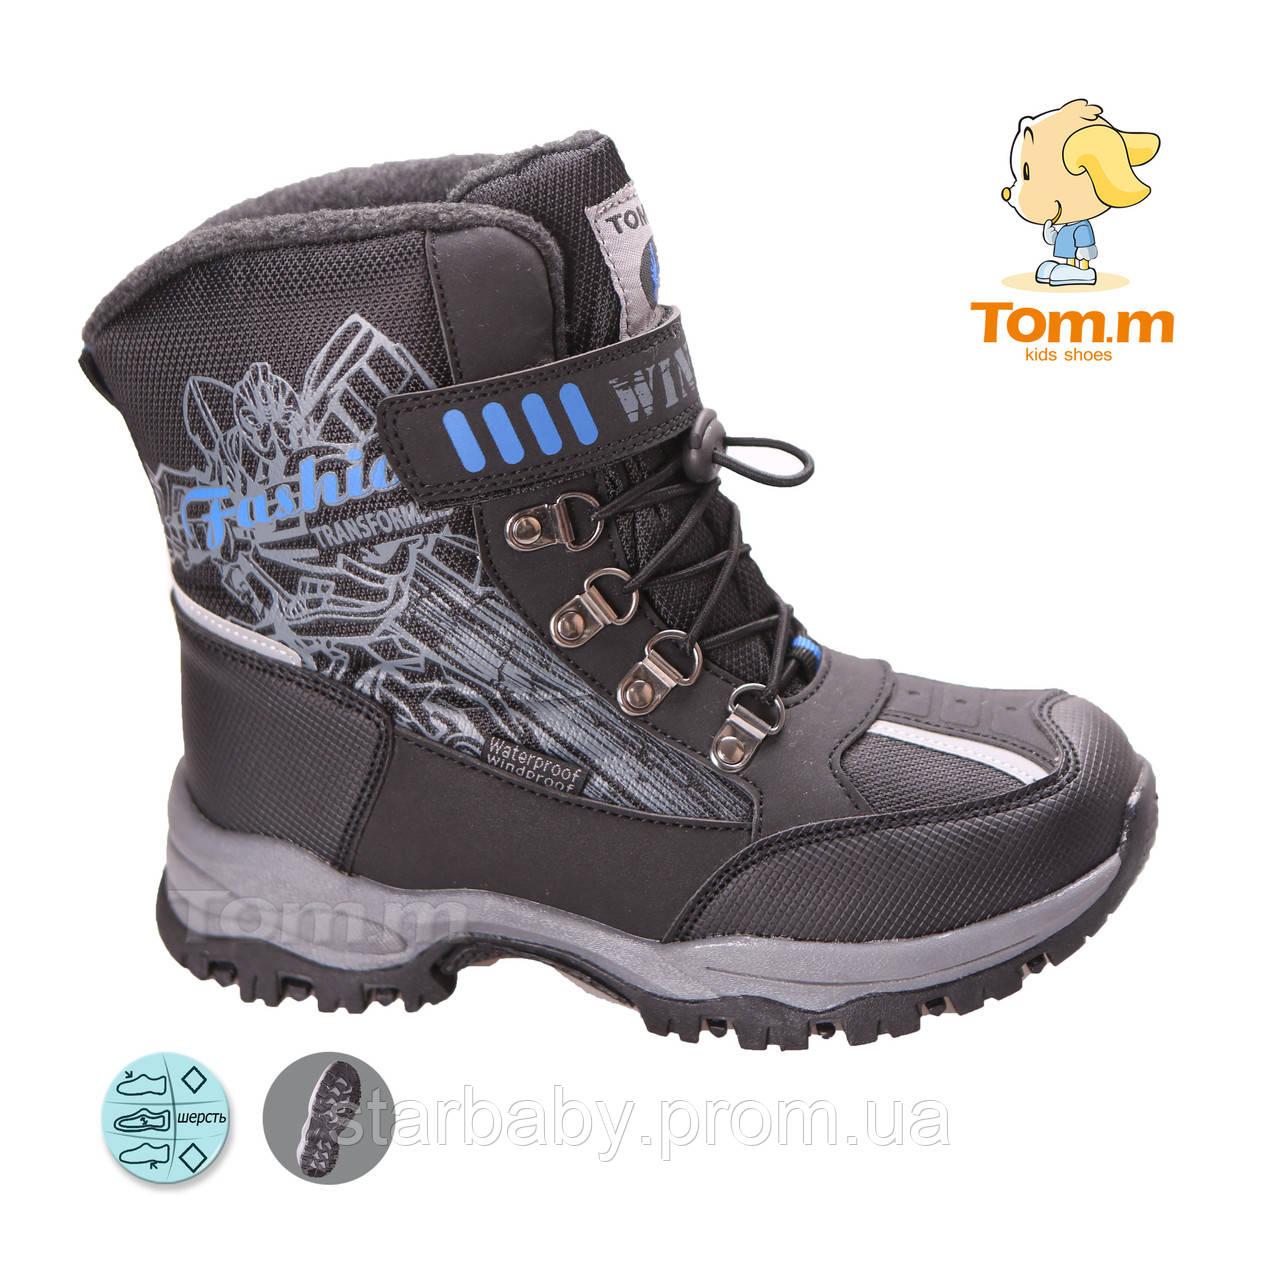 7d4a92b0c Зимние ботинки дутики водонепроницаемые на мальчика подросток размеры 34-39